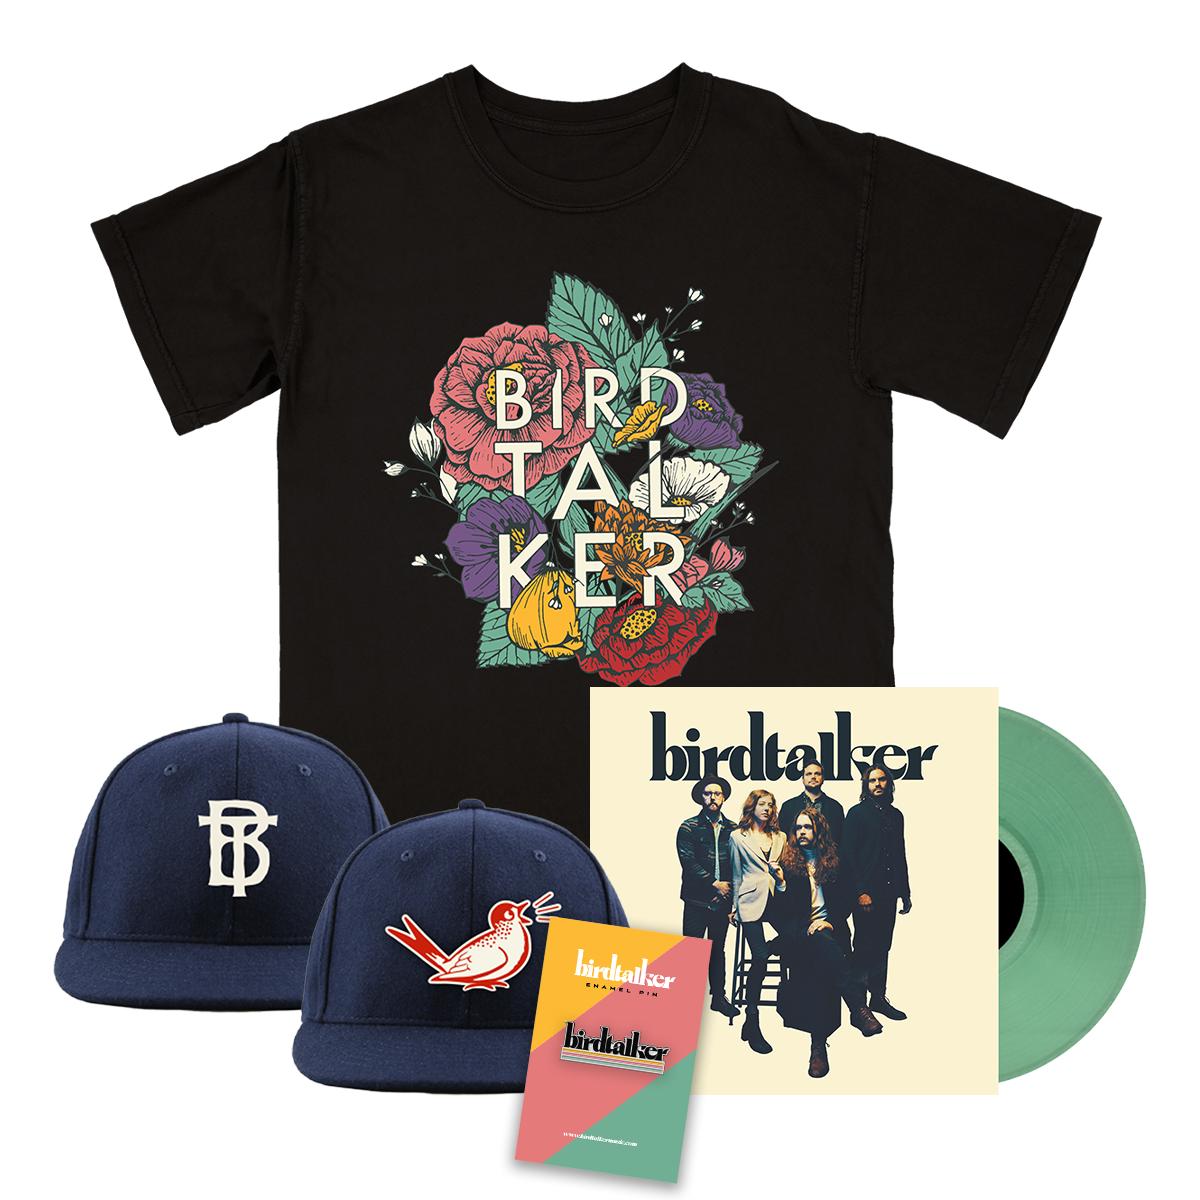 Birdtalker Vinyl, Floral Tee, Pin & Hat Bundle